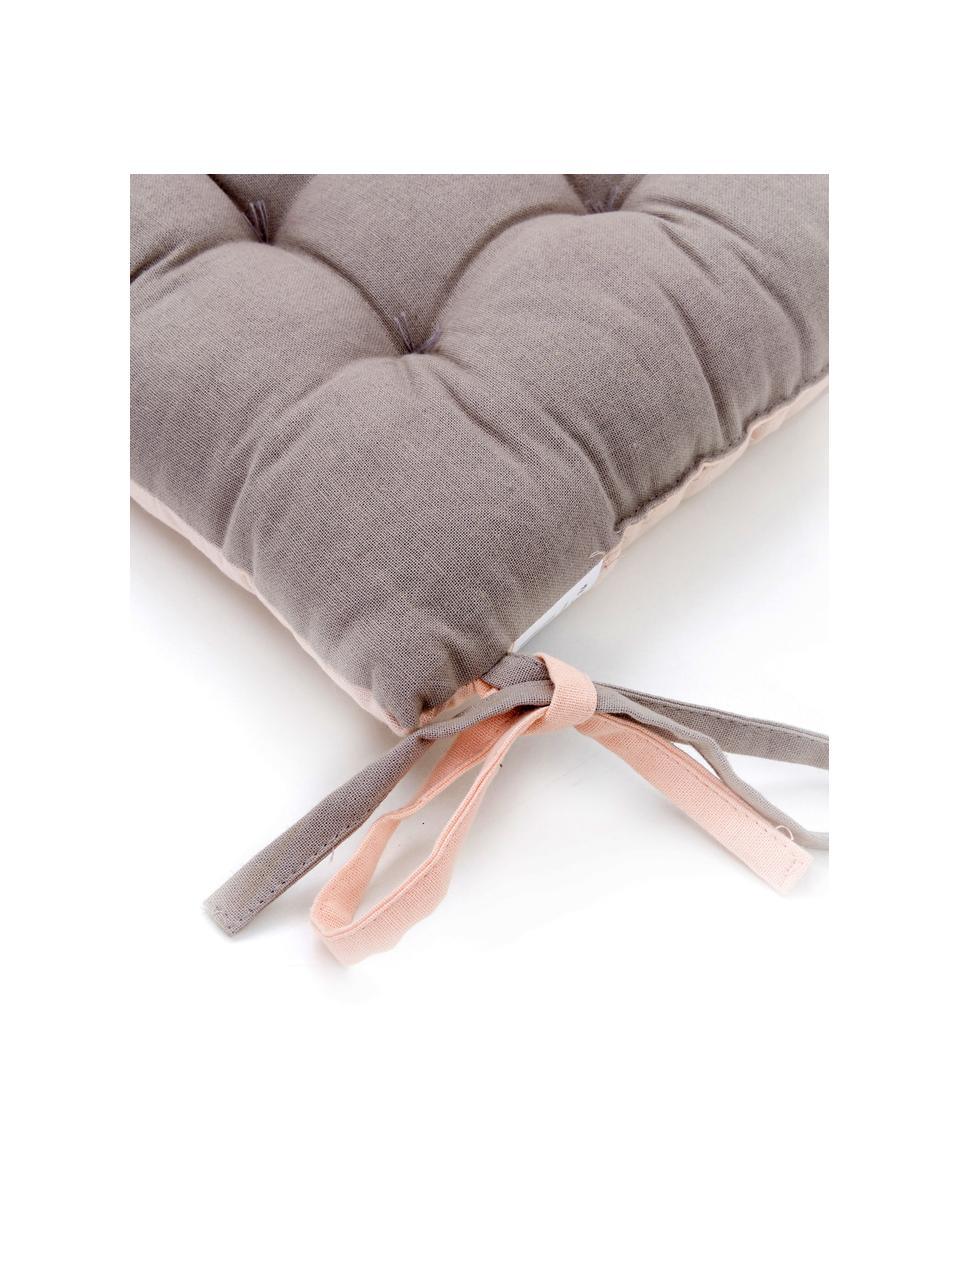 Dwustronna poduszka na krzesło Duo, 2 szt., Pudroworóżowy, szary, S 35 x D 35 cm